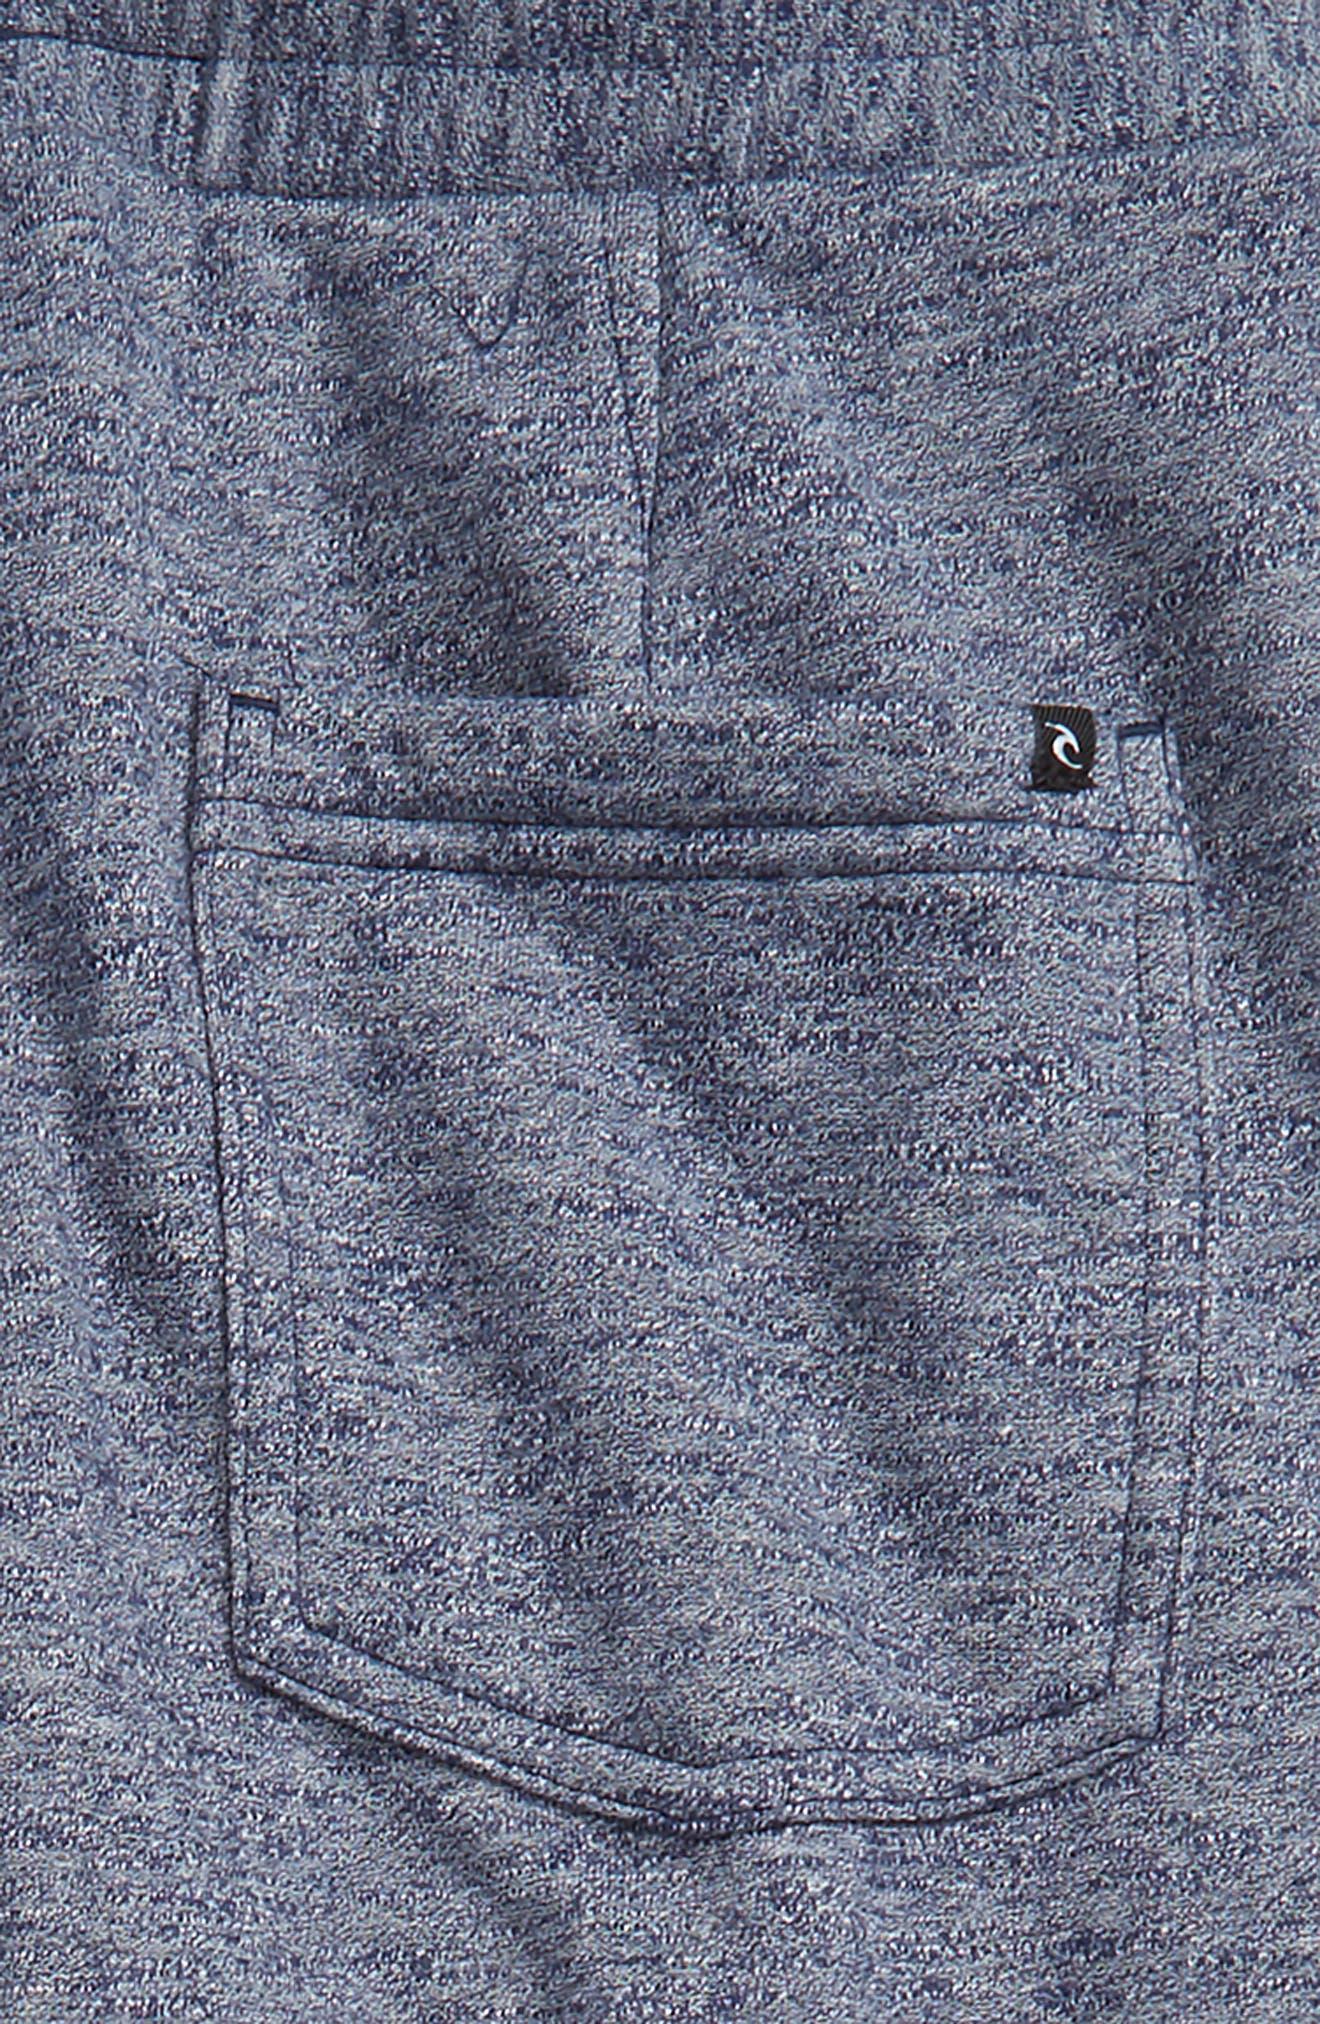 Destination Fleece Sweatpants,                             Alternate thumbnail 3, color,                             Navy